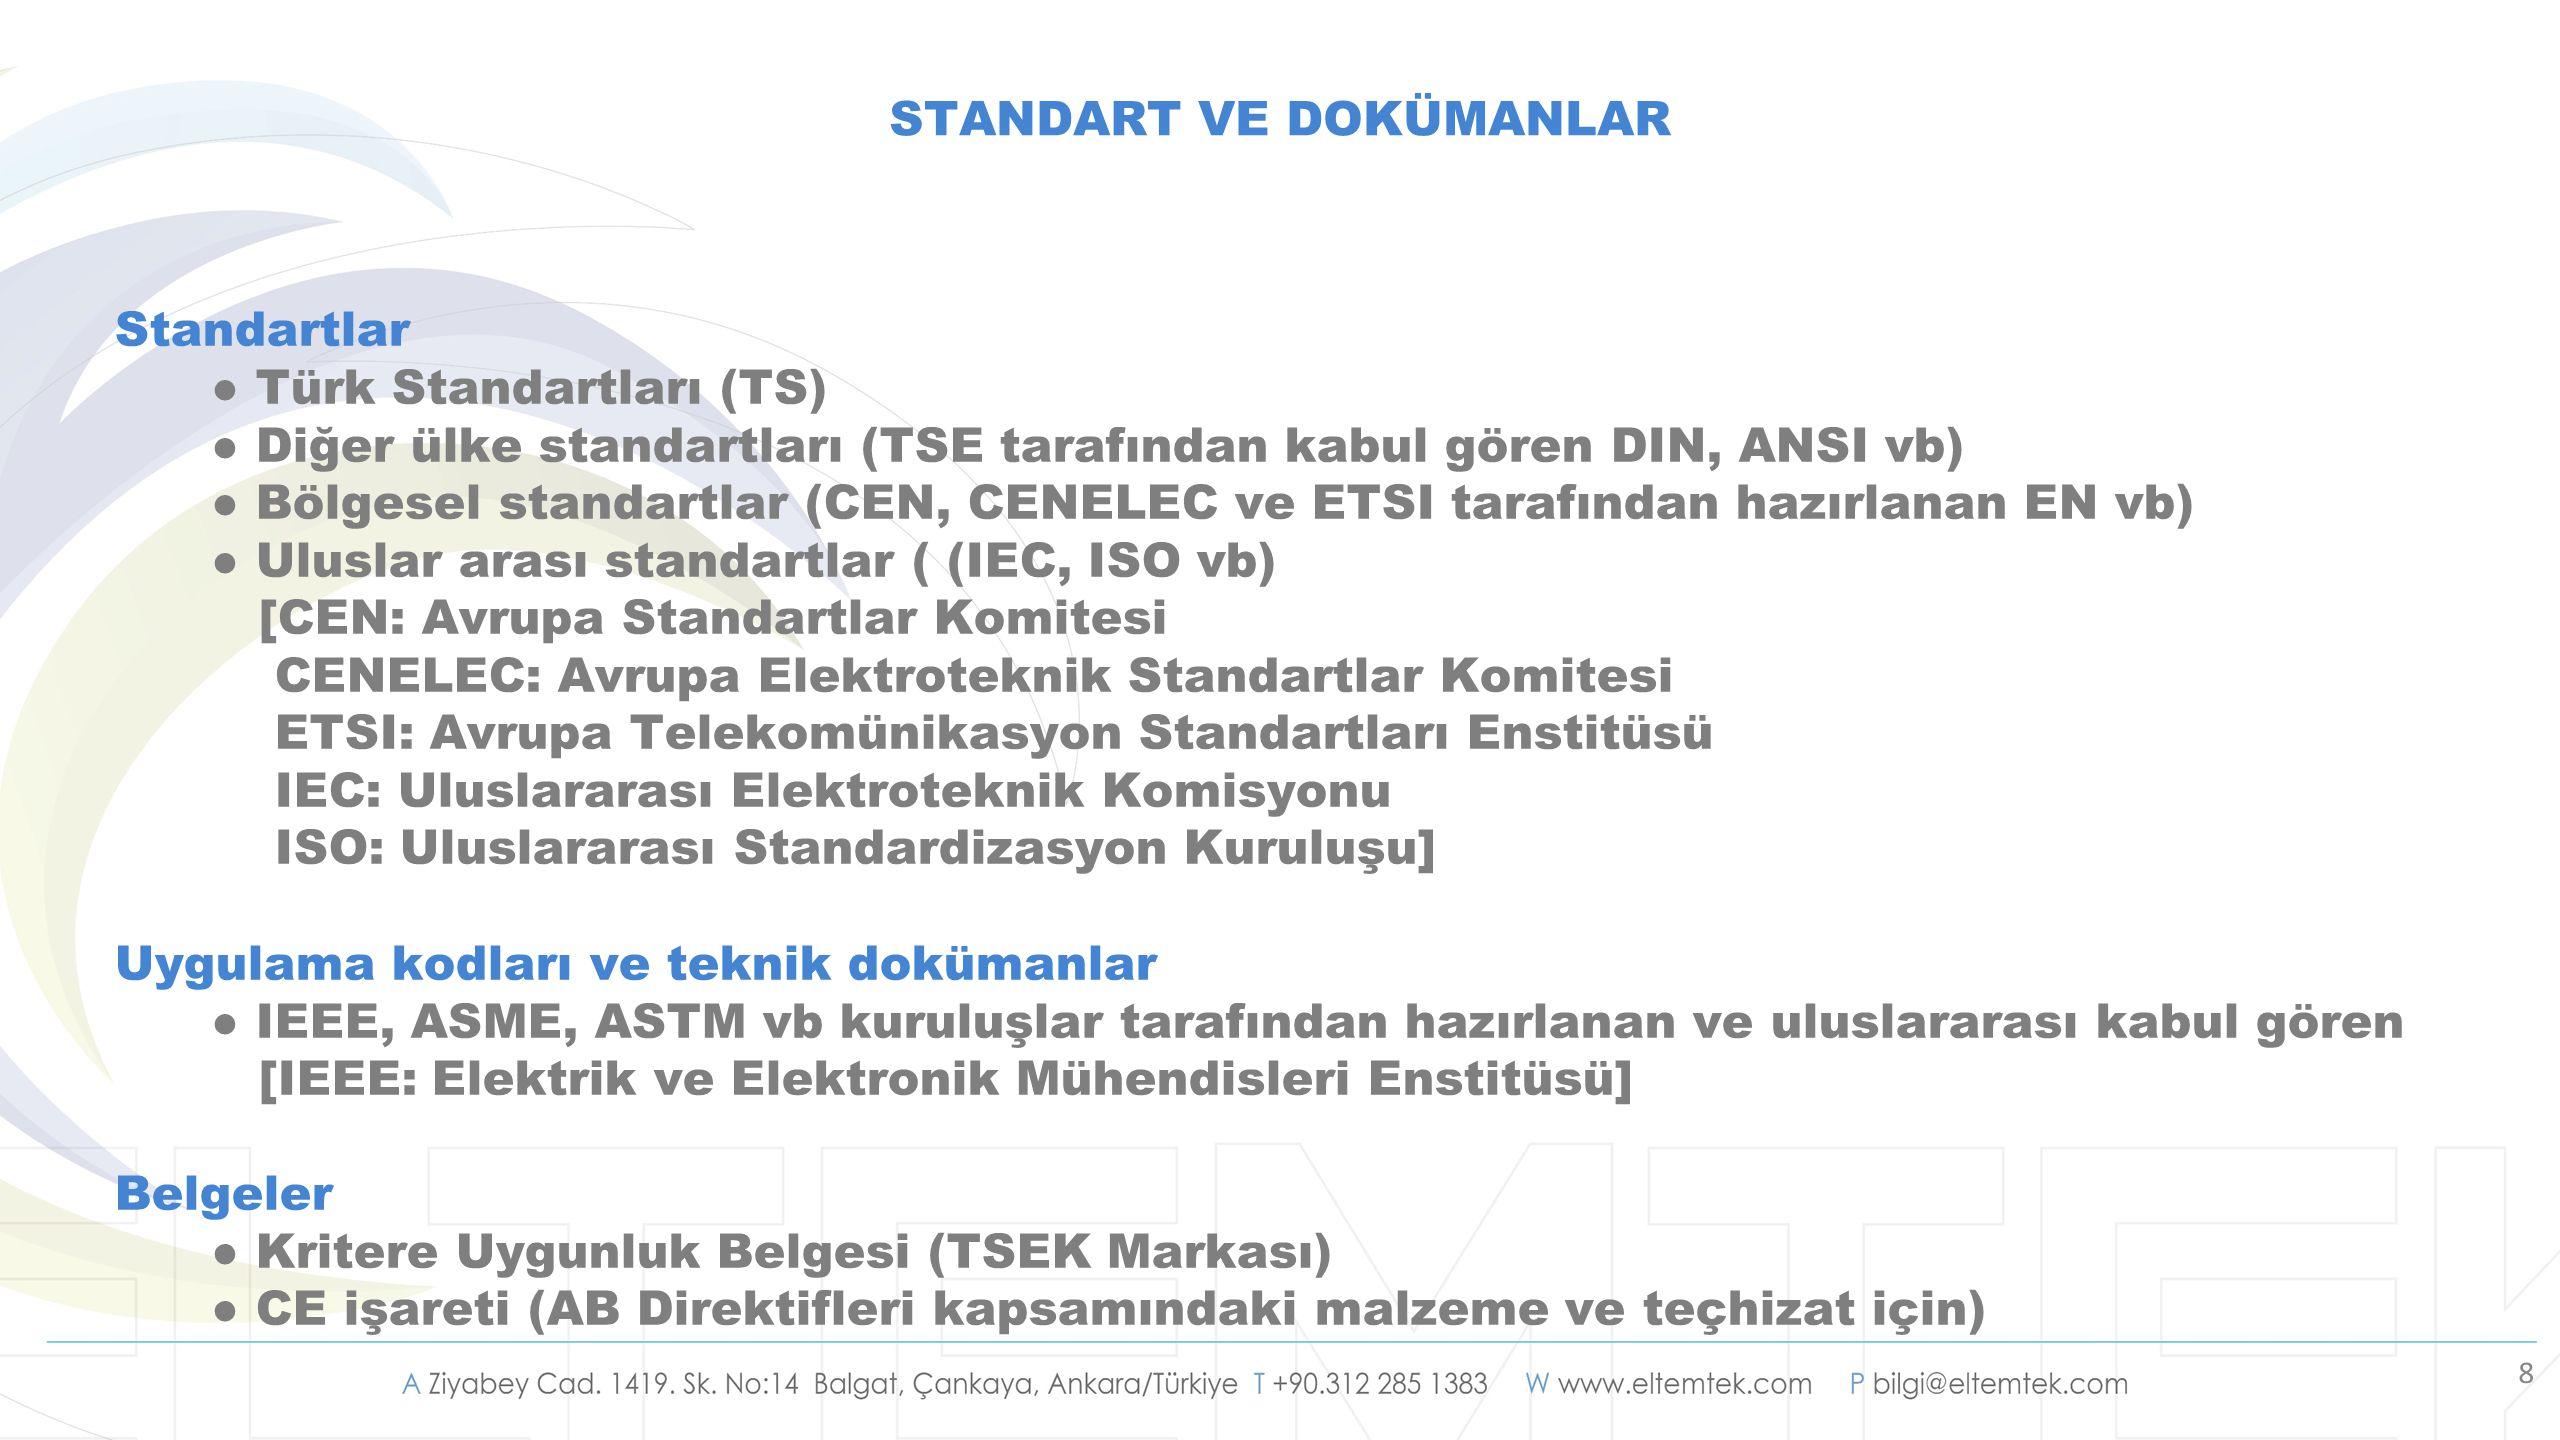 8 Standartlar ● Türk Standartları (TS) ● Diğer ülke standartları (TSE tarafından kabul gören DIN, ANSI vb) ● Bölgesel standartlar (CEN, CENELEC ve ETS